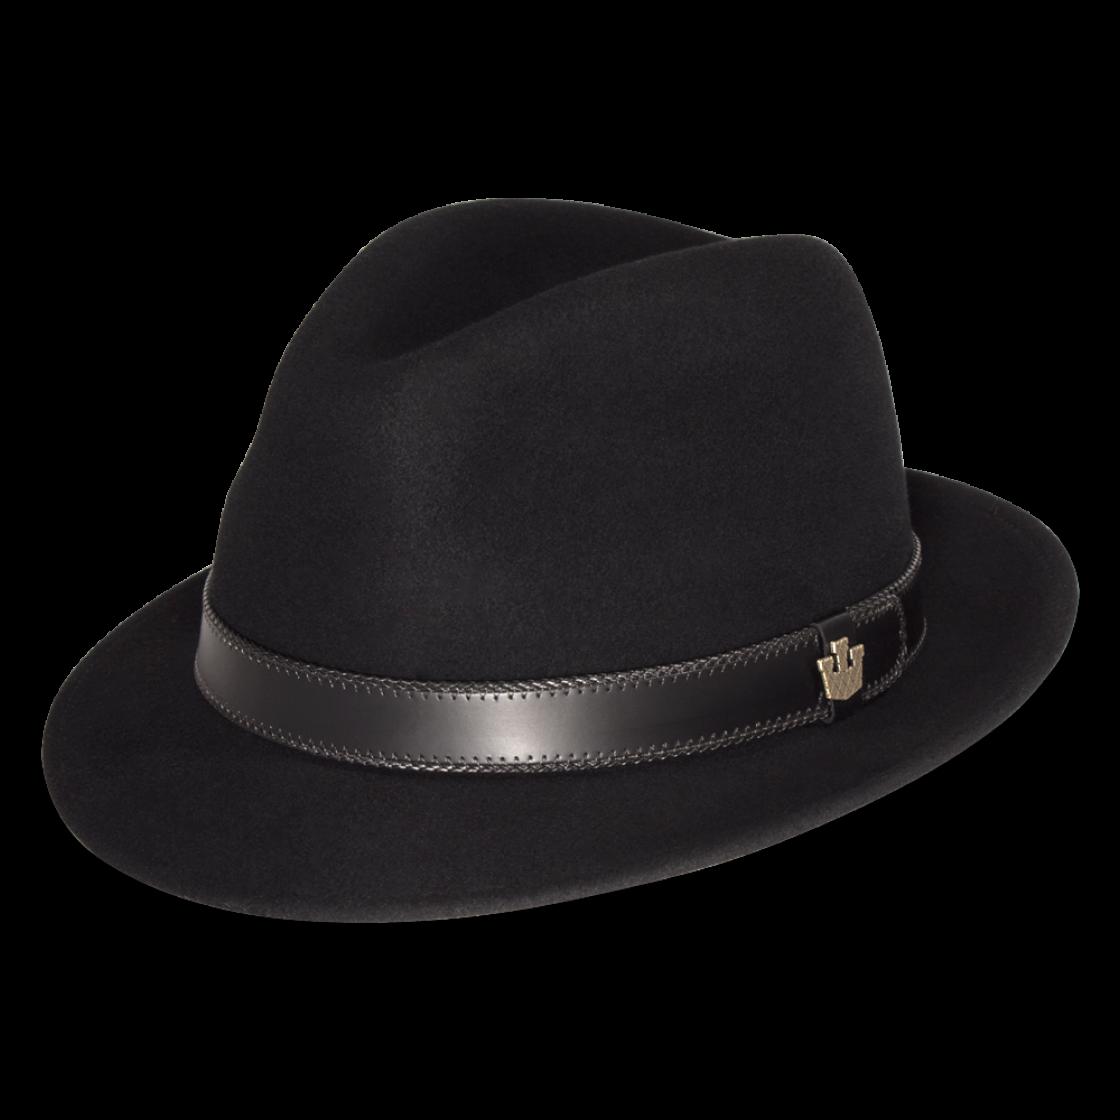 Black Hat PNG Image